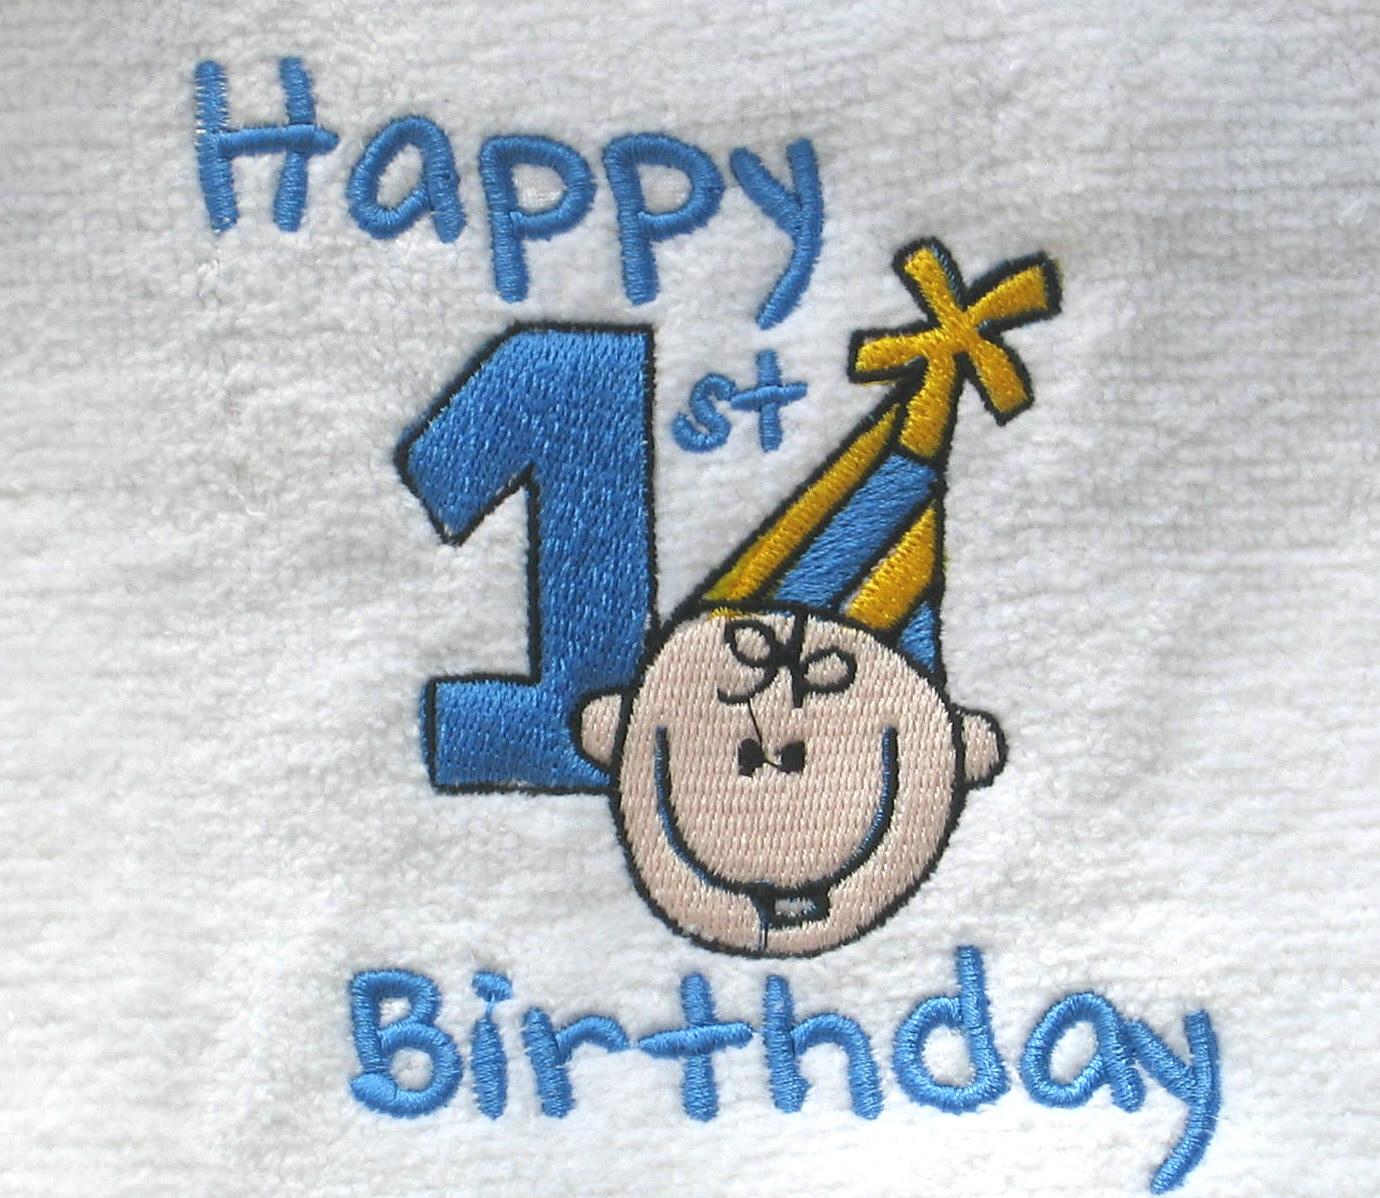 Happy Birthday Baby Boy Quotes: Happy 1st Birthday Boy Quotes. QuotesGram